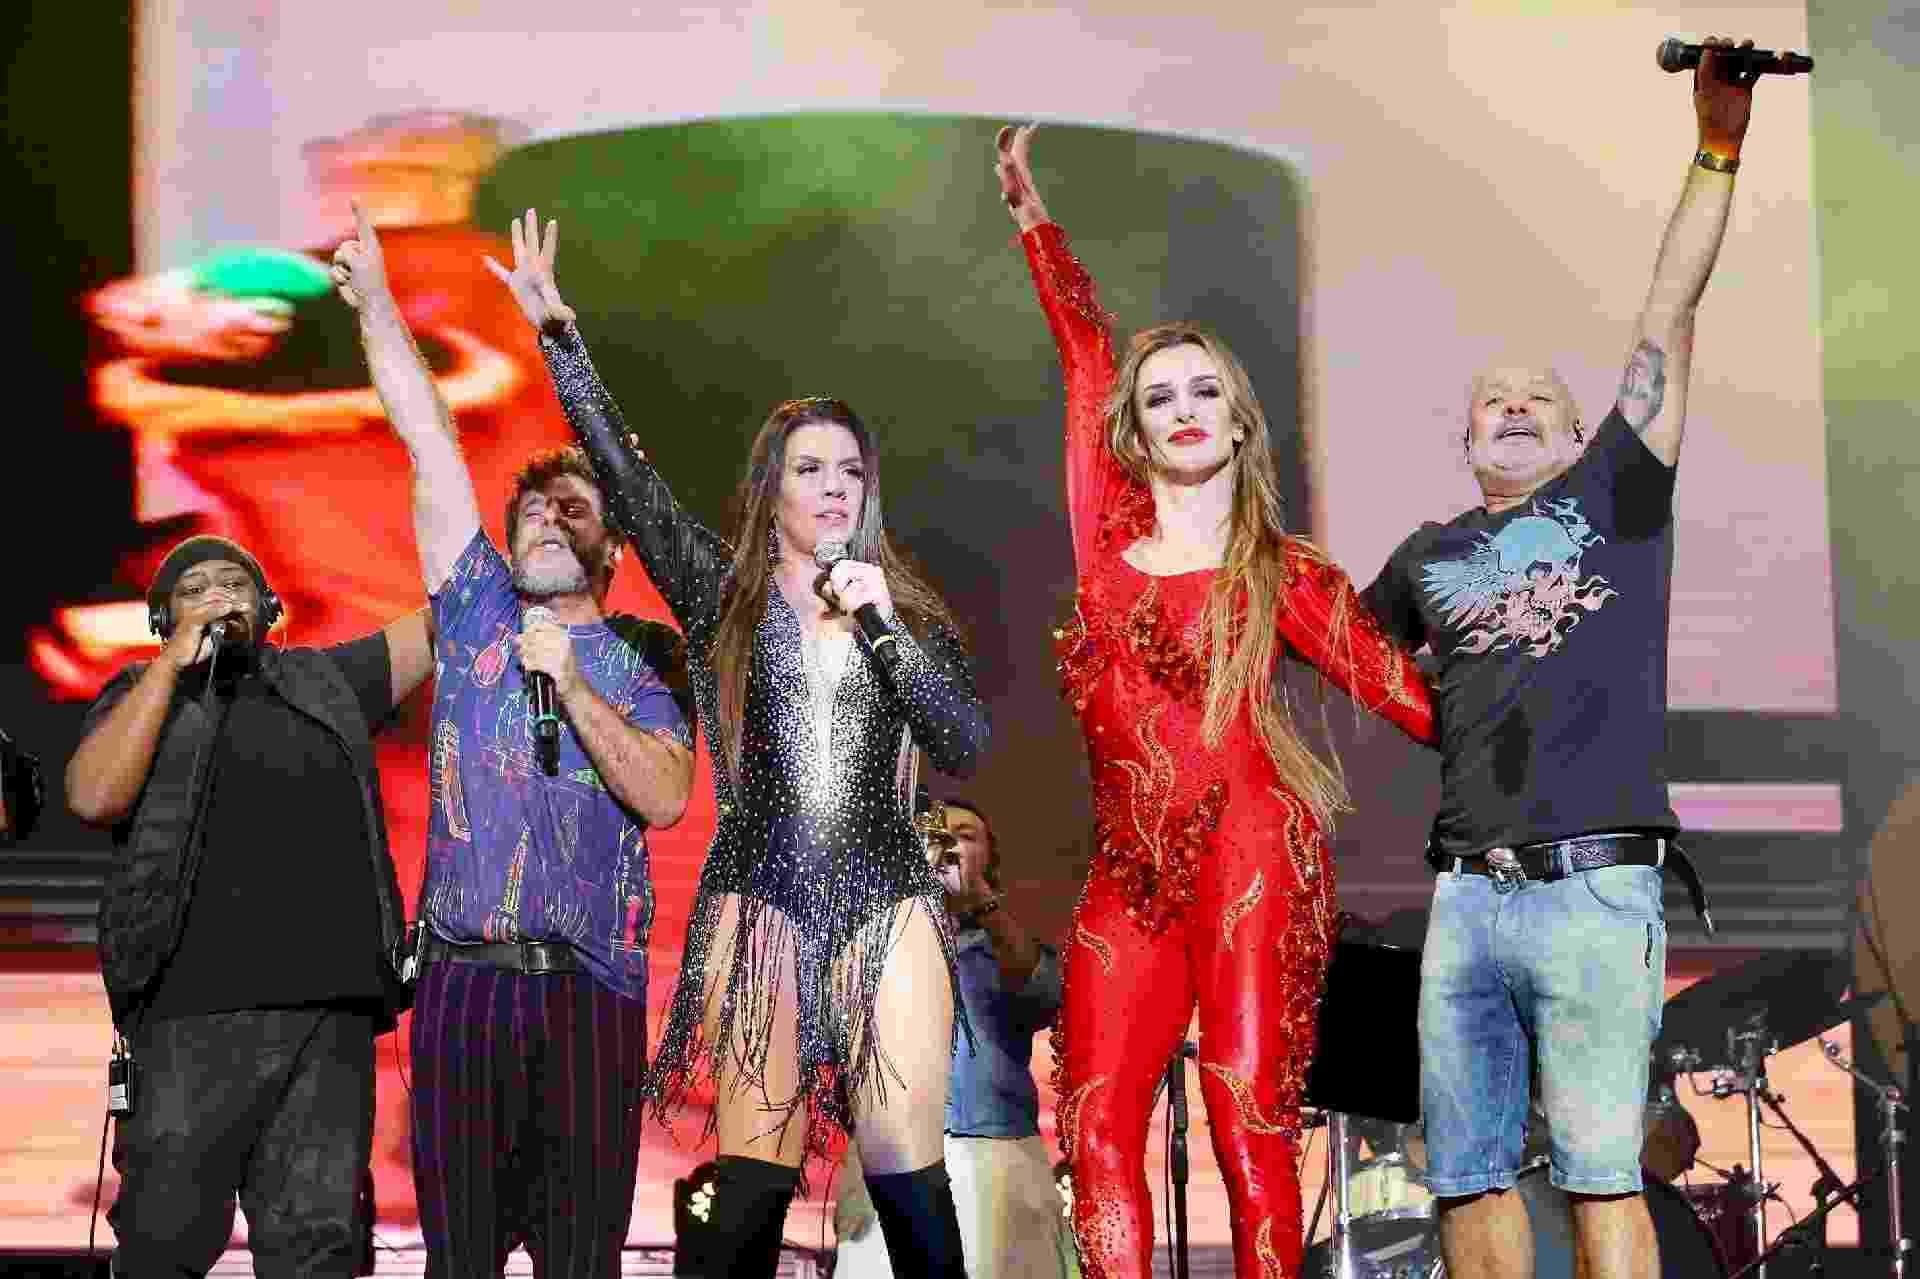 A drag queen Über Stripperella participa do show do Balão Mágico no Milkshake Festival - Manuela Scarpa/Brazil News